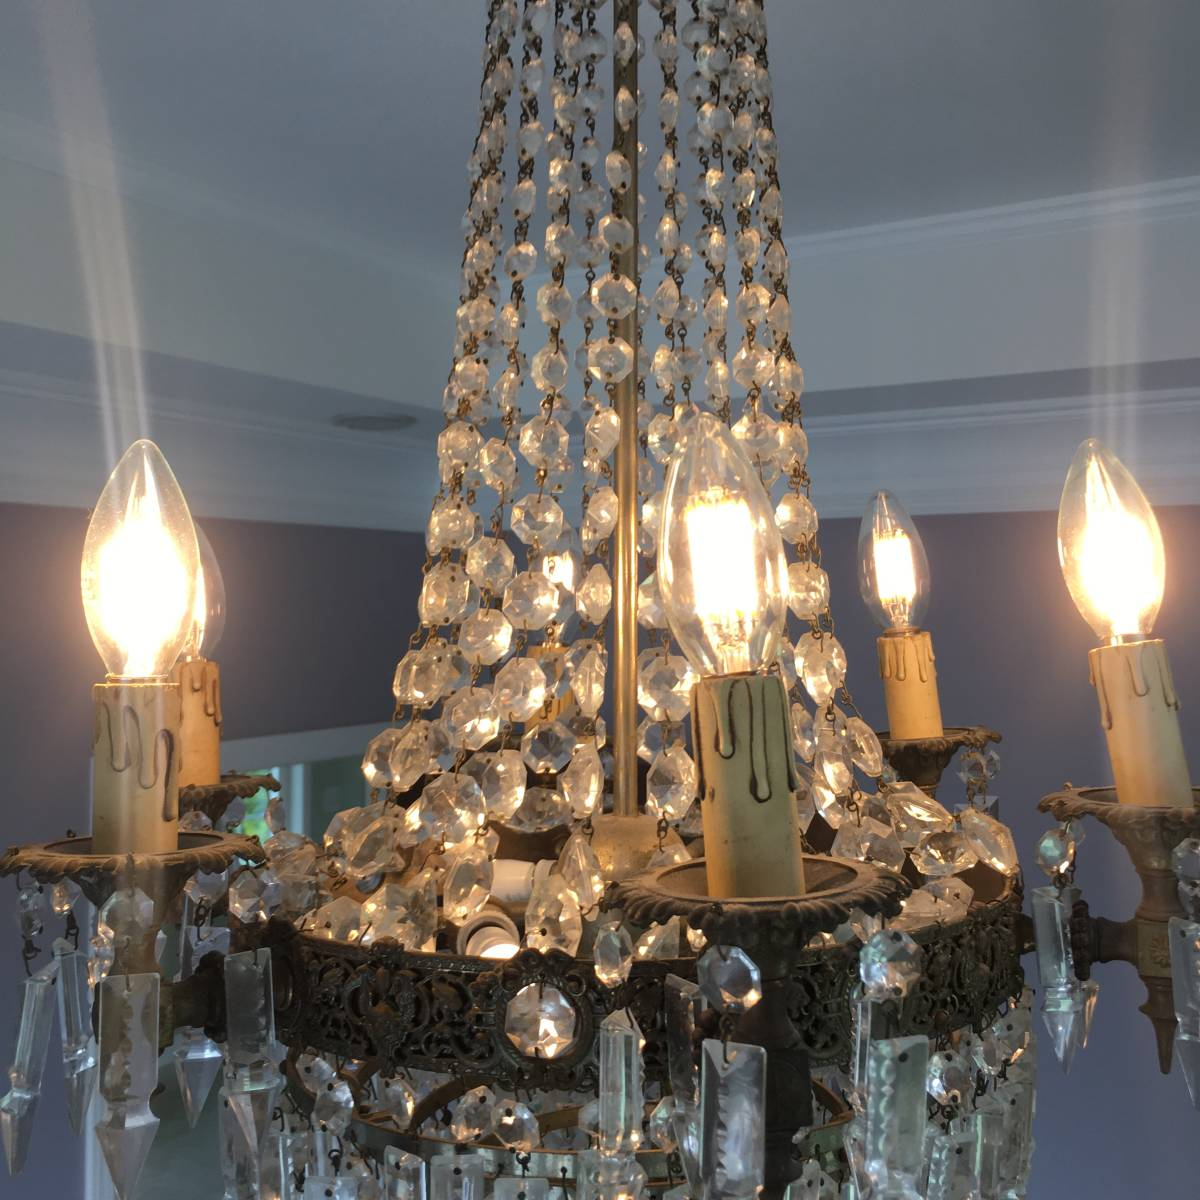 フランスアンティーク シャンデリア 10灯 エンパイア様式 アンティーク照明 アンティーク アンティーク家具 クリスタルシャンデリア_画像5